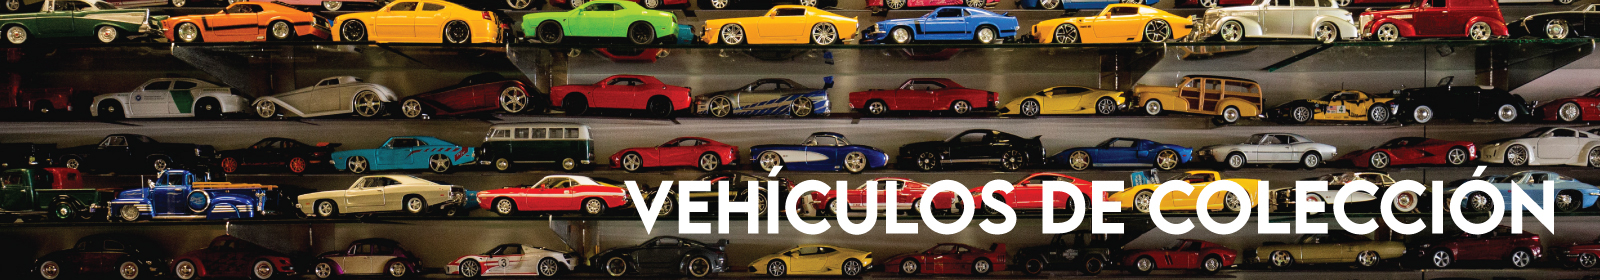 Vehiculos de colección